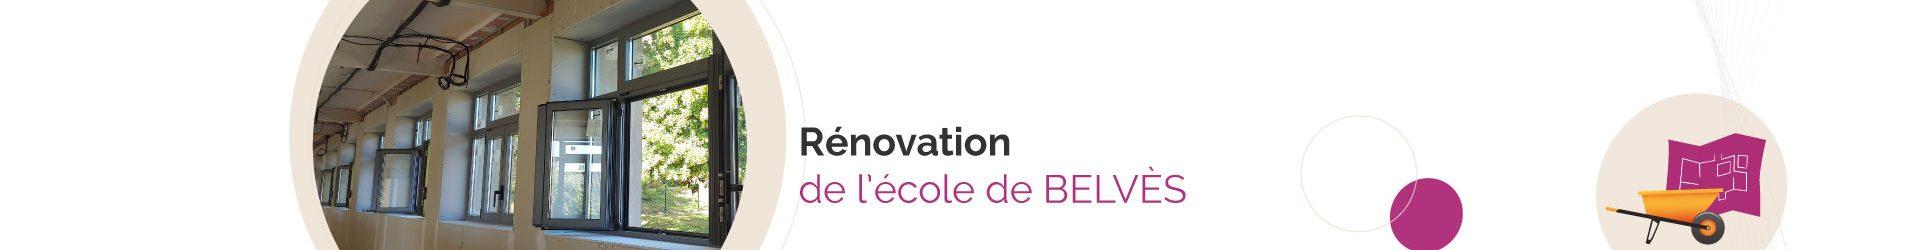 Rénovation de l'école de Belvès